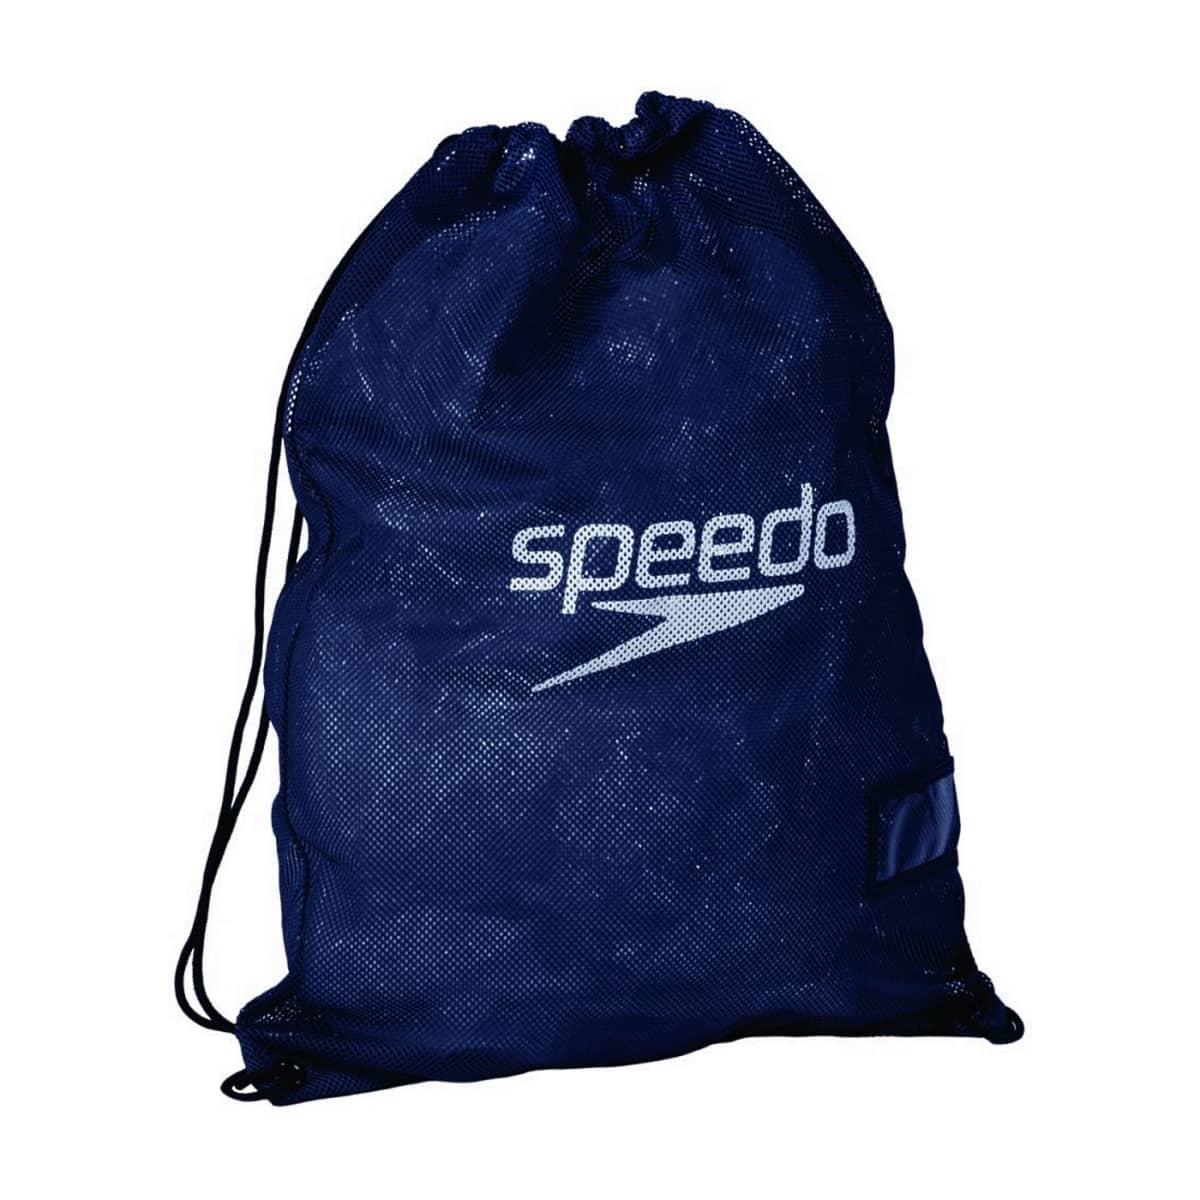 11e8a26e745 Swimming | Equipment | Sportsmans Warehouse